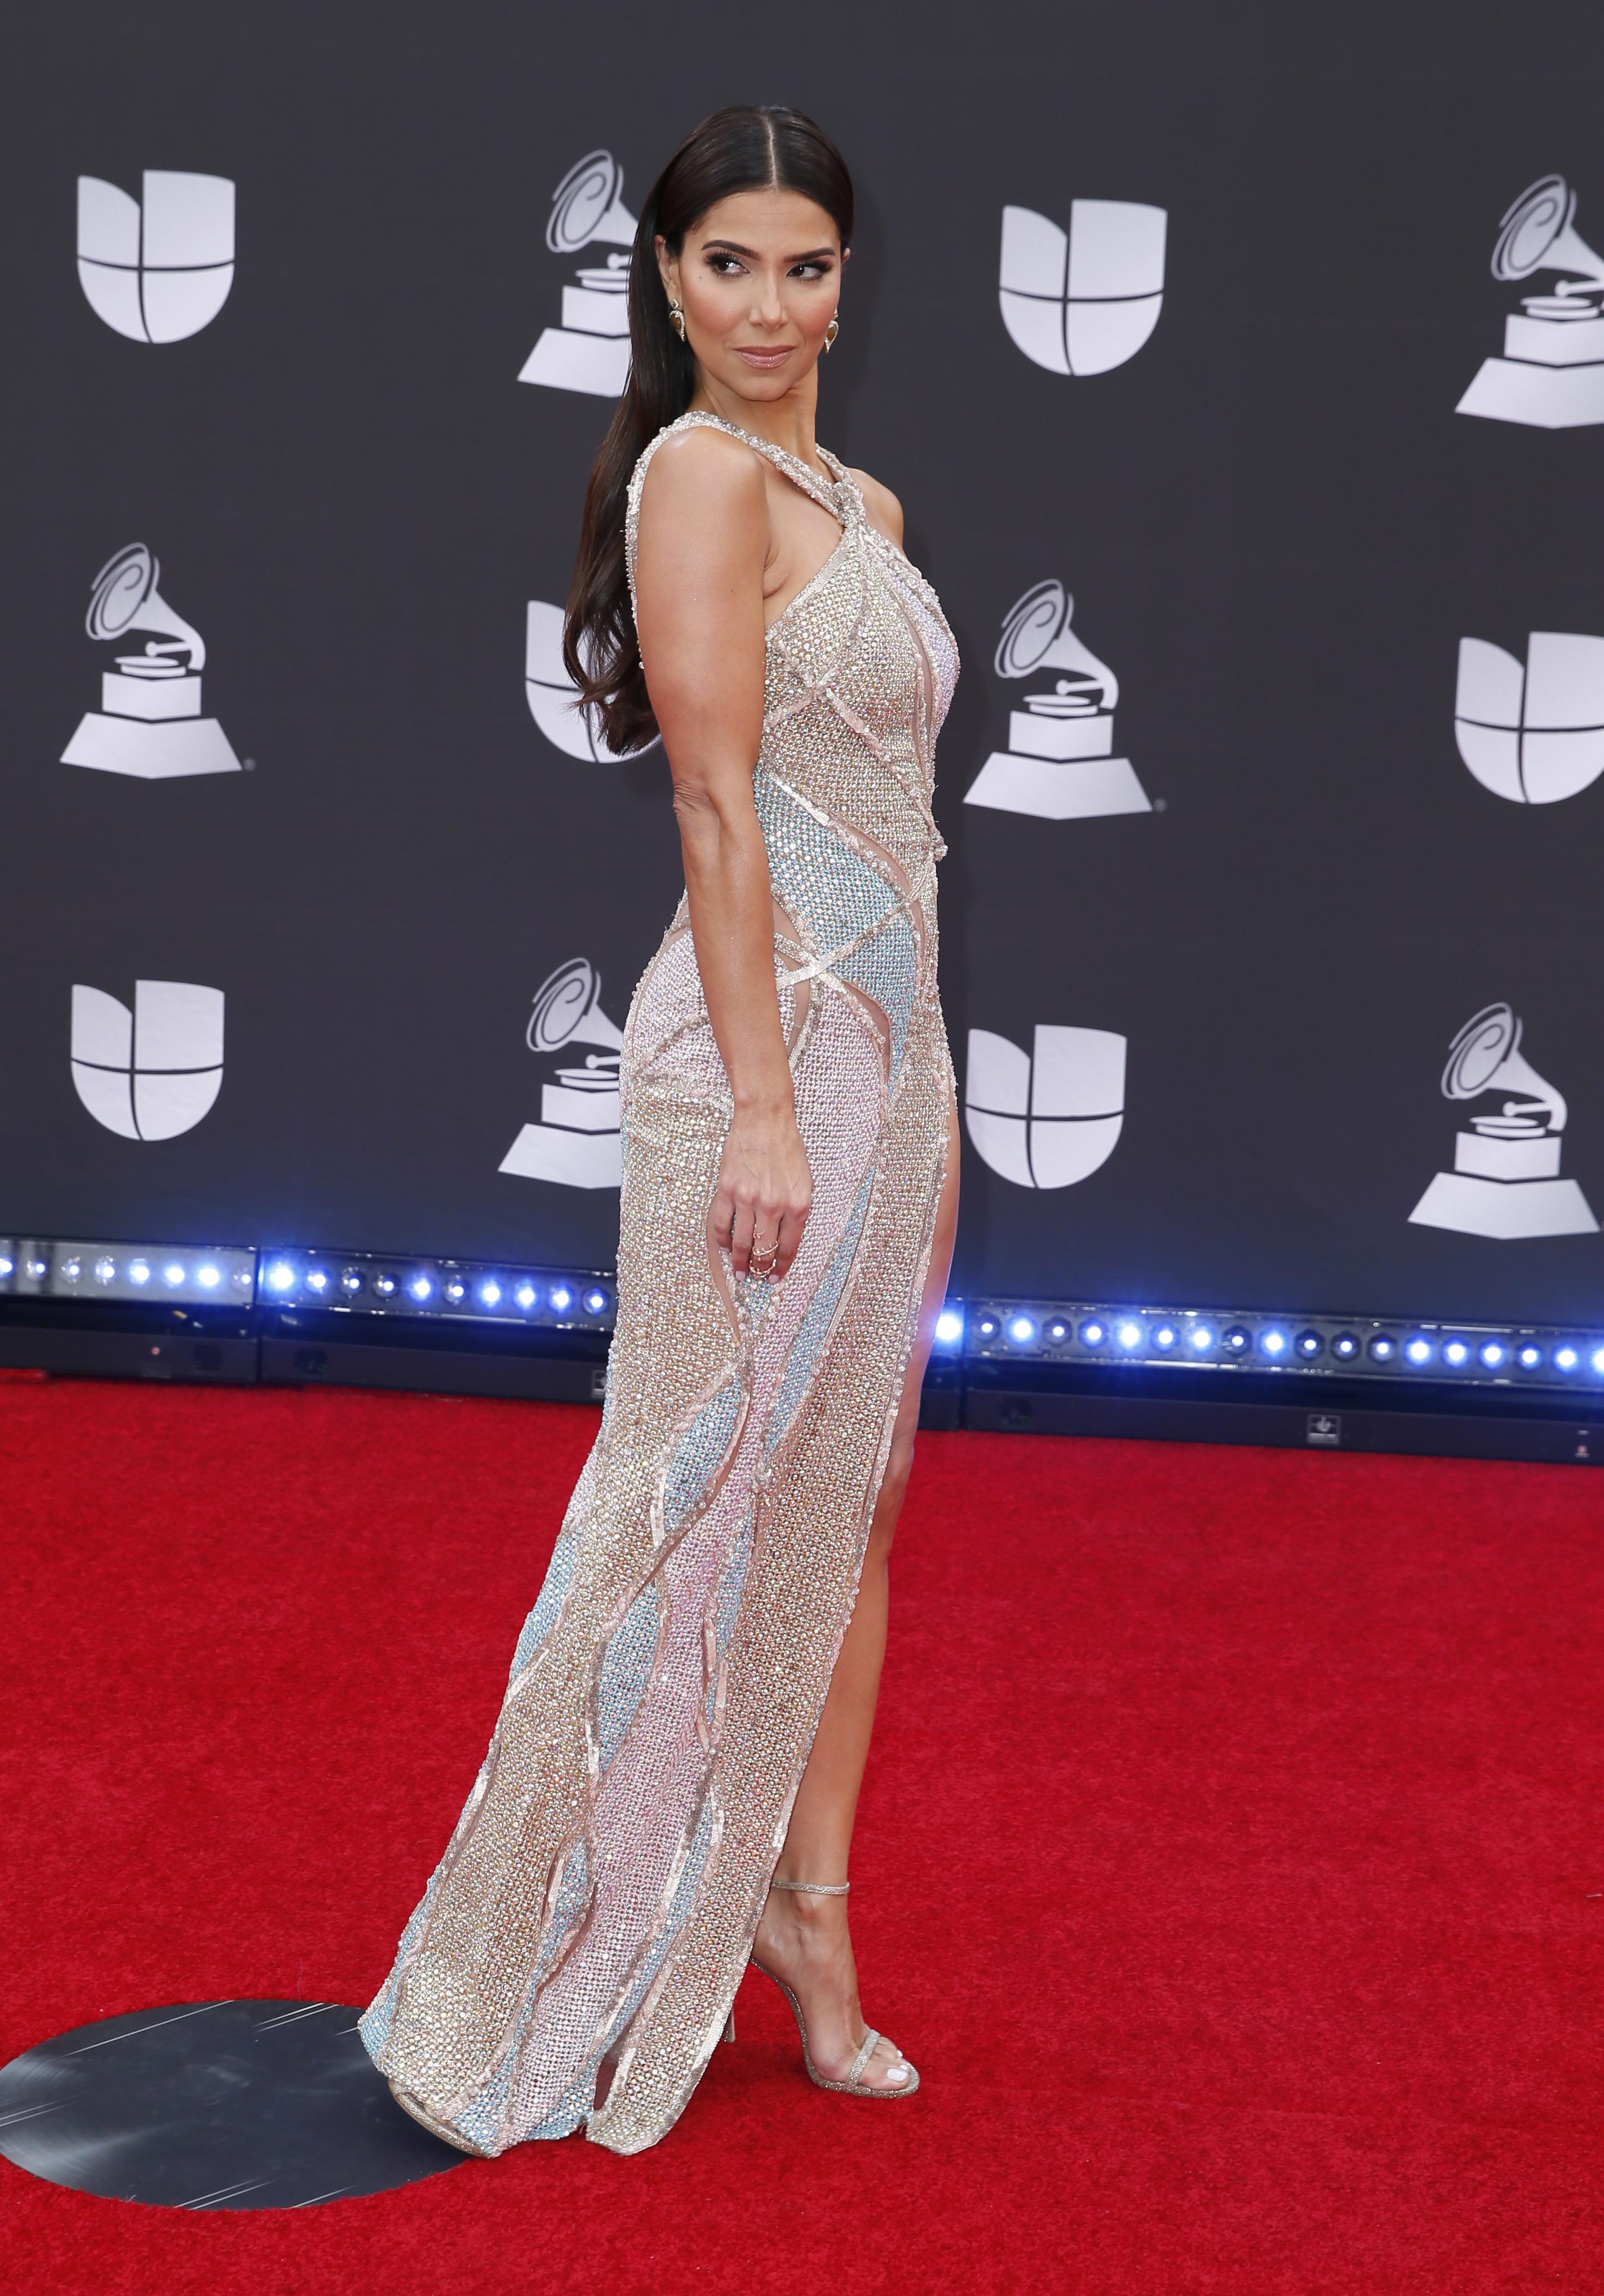 La modelo y actriz puertorriqueña Roselyn Sanchez